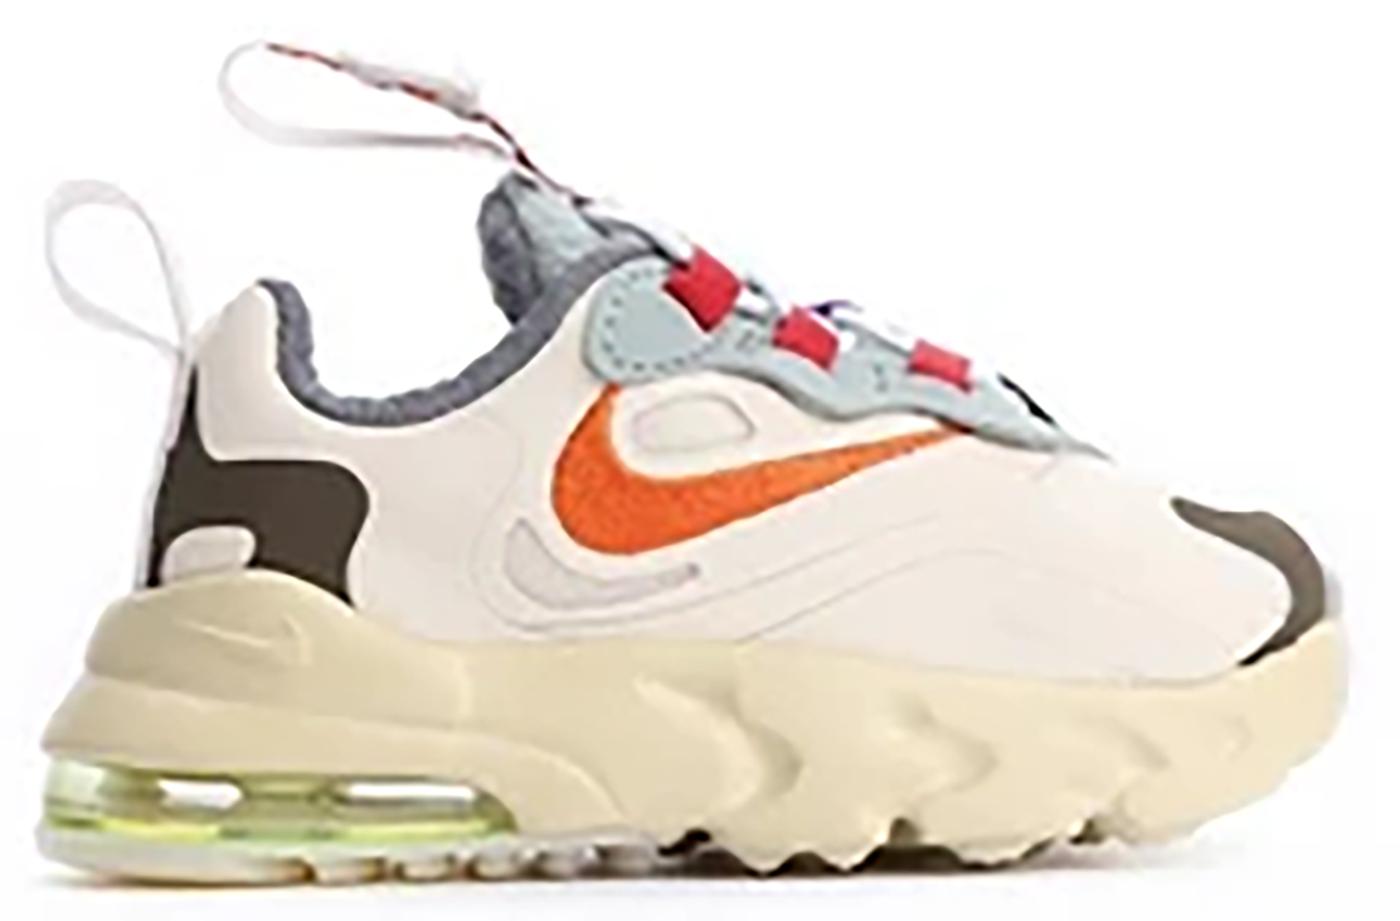 Nike Air Max 270 React Travis Scott